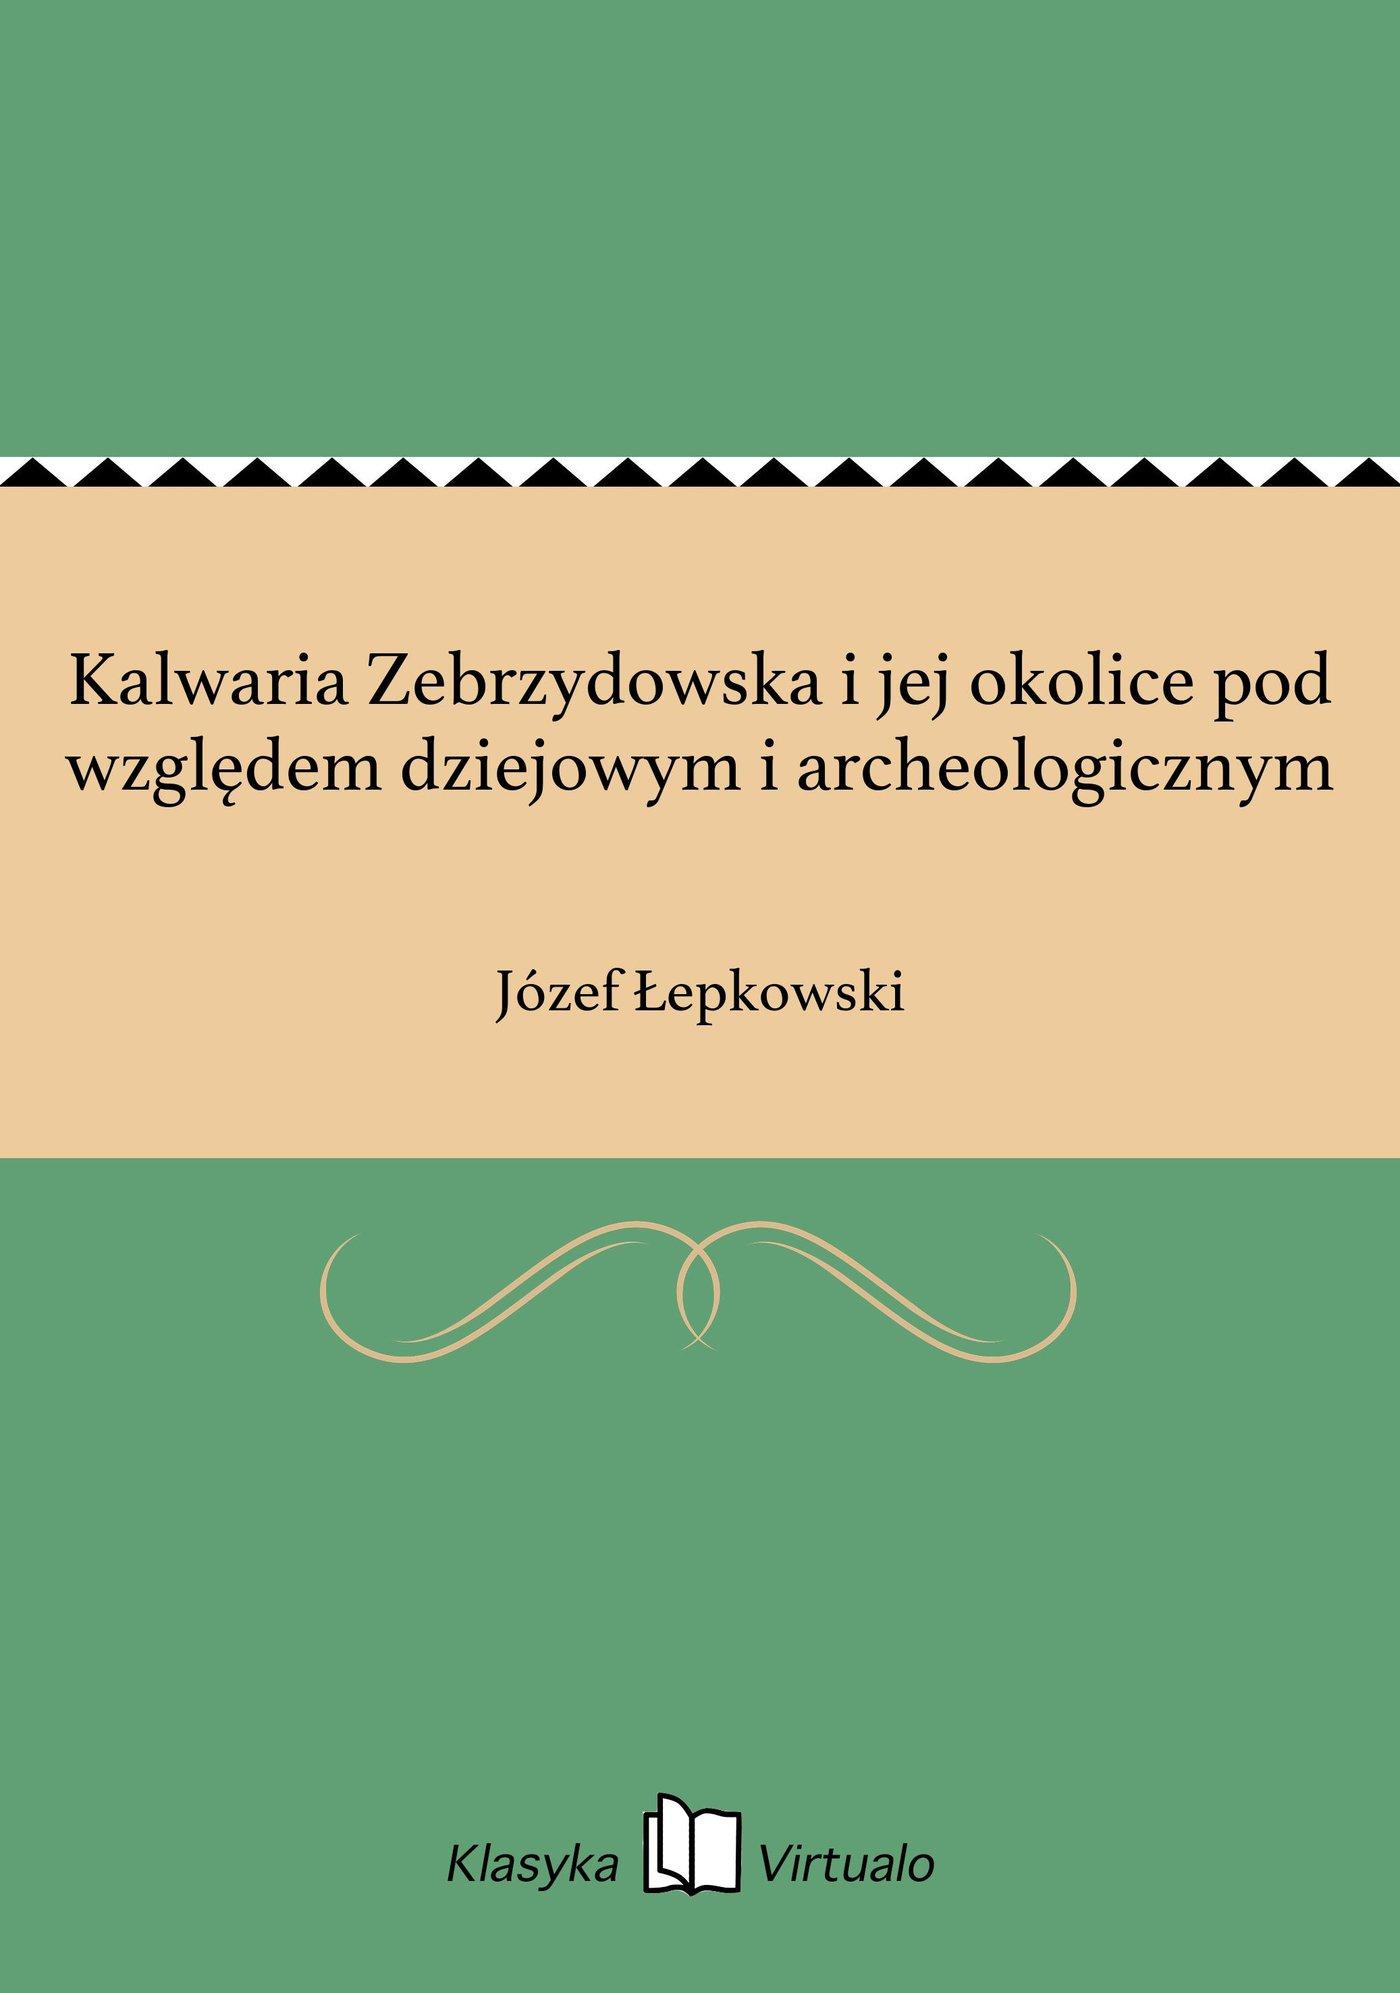 Kalwaria Zebrzydowska i jej okolice pod względem dziejowym i archeologicznym - Ebook (Książka EPUB) do pobrania w formacie EPUB